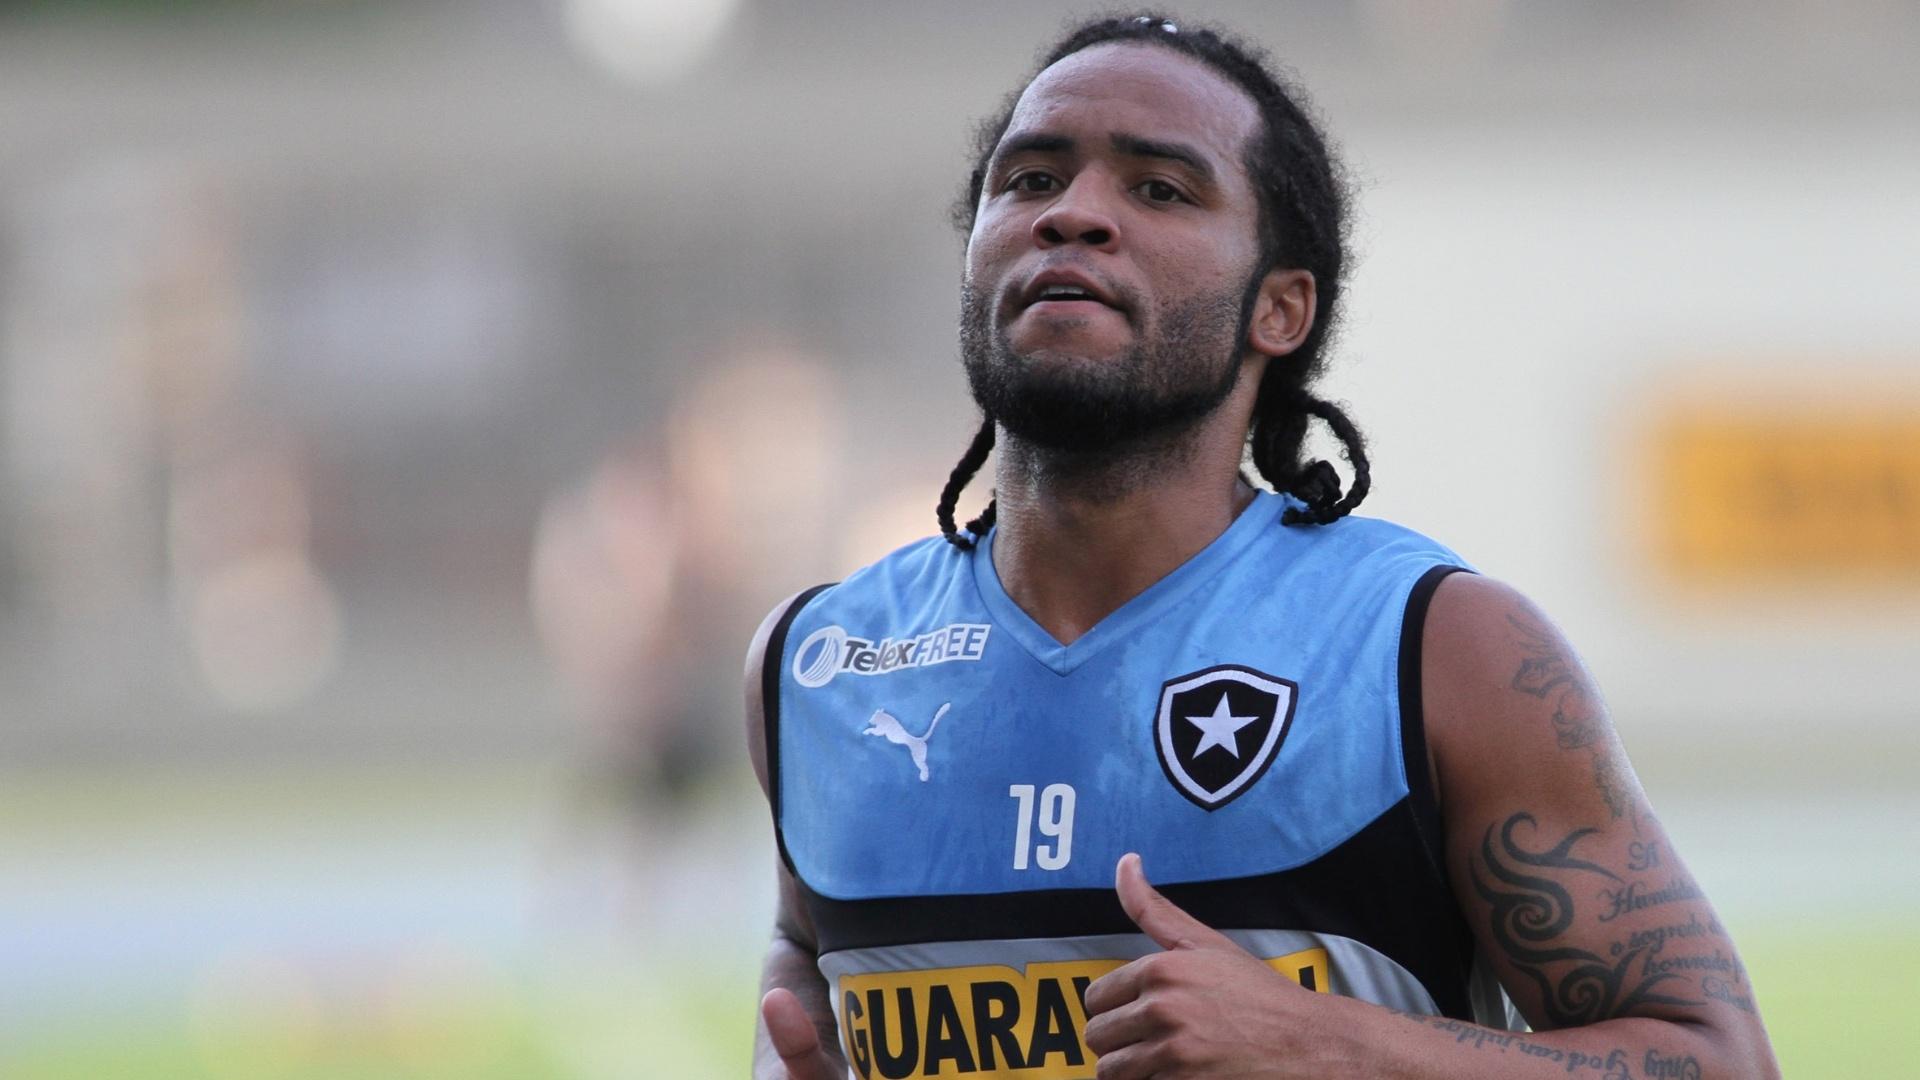 Carlos Alberto faz aquecimento em treino do Botafogo no campo anexo do Engenhão